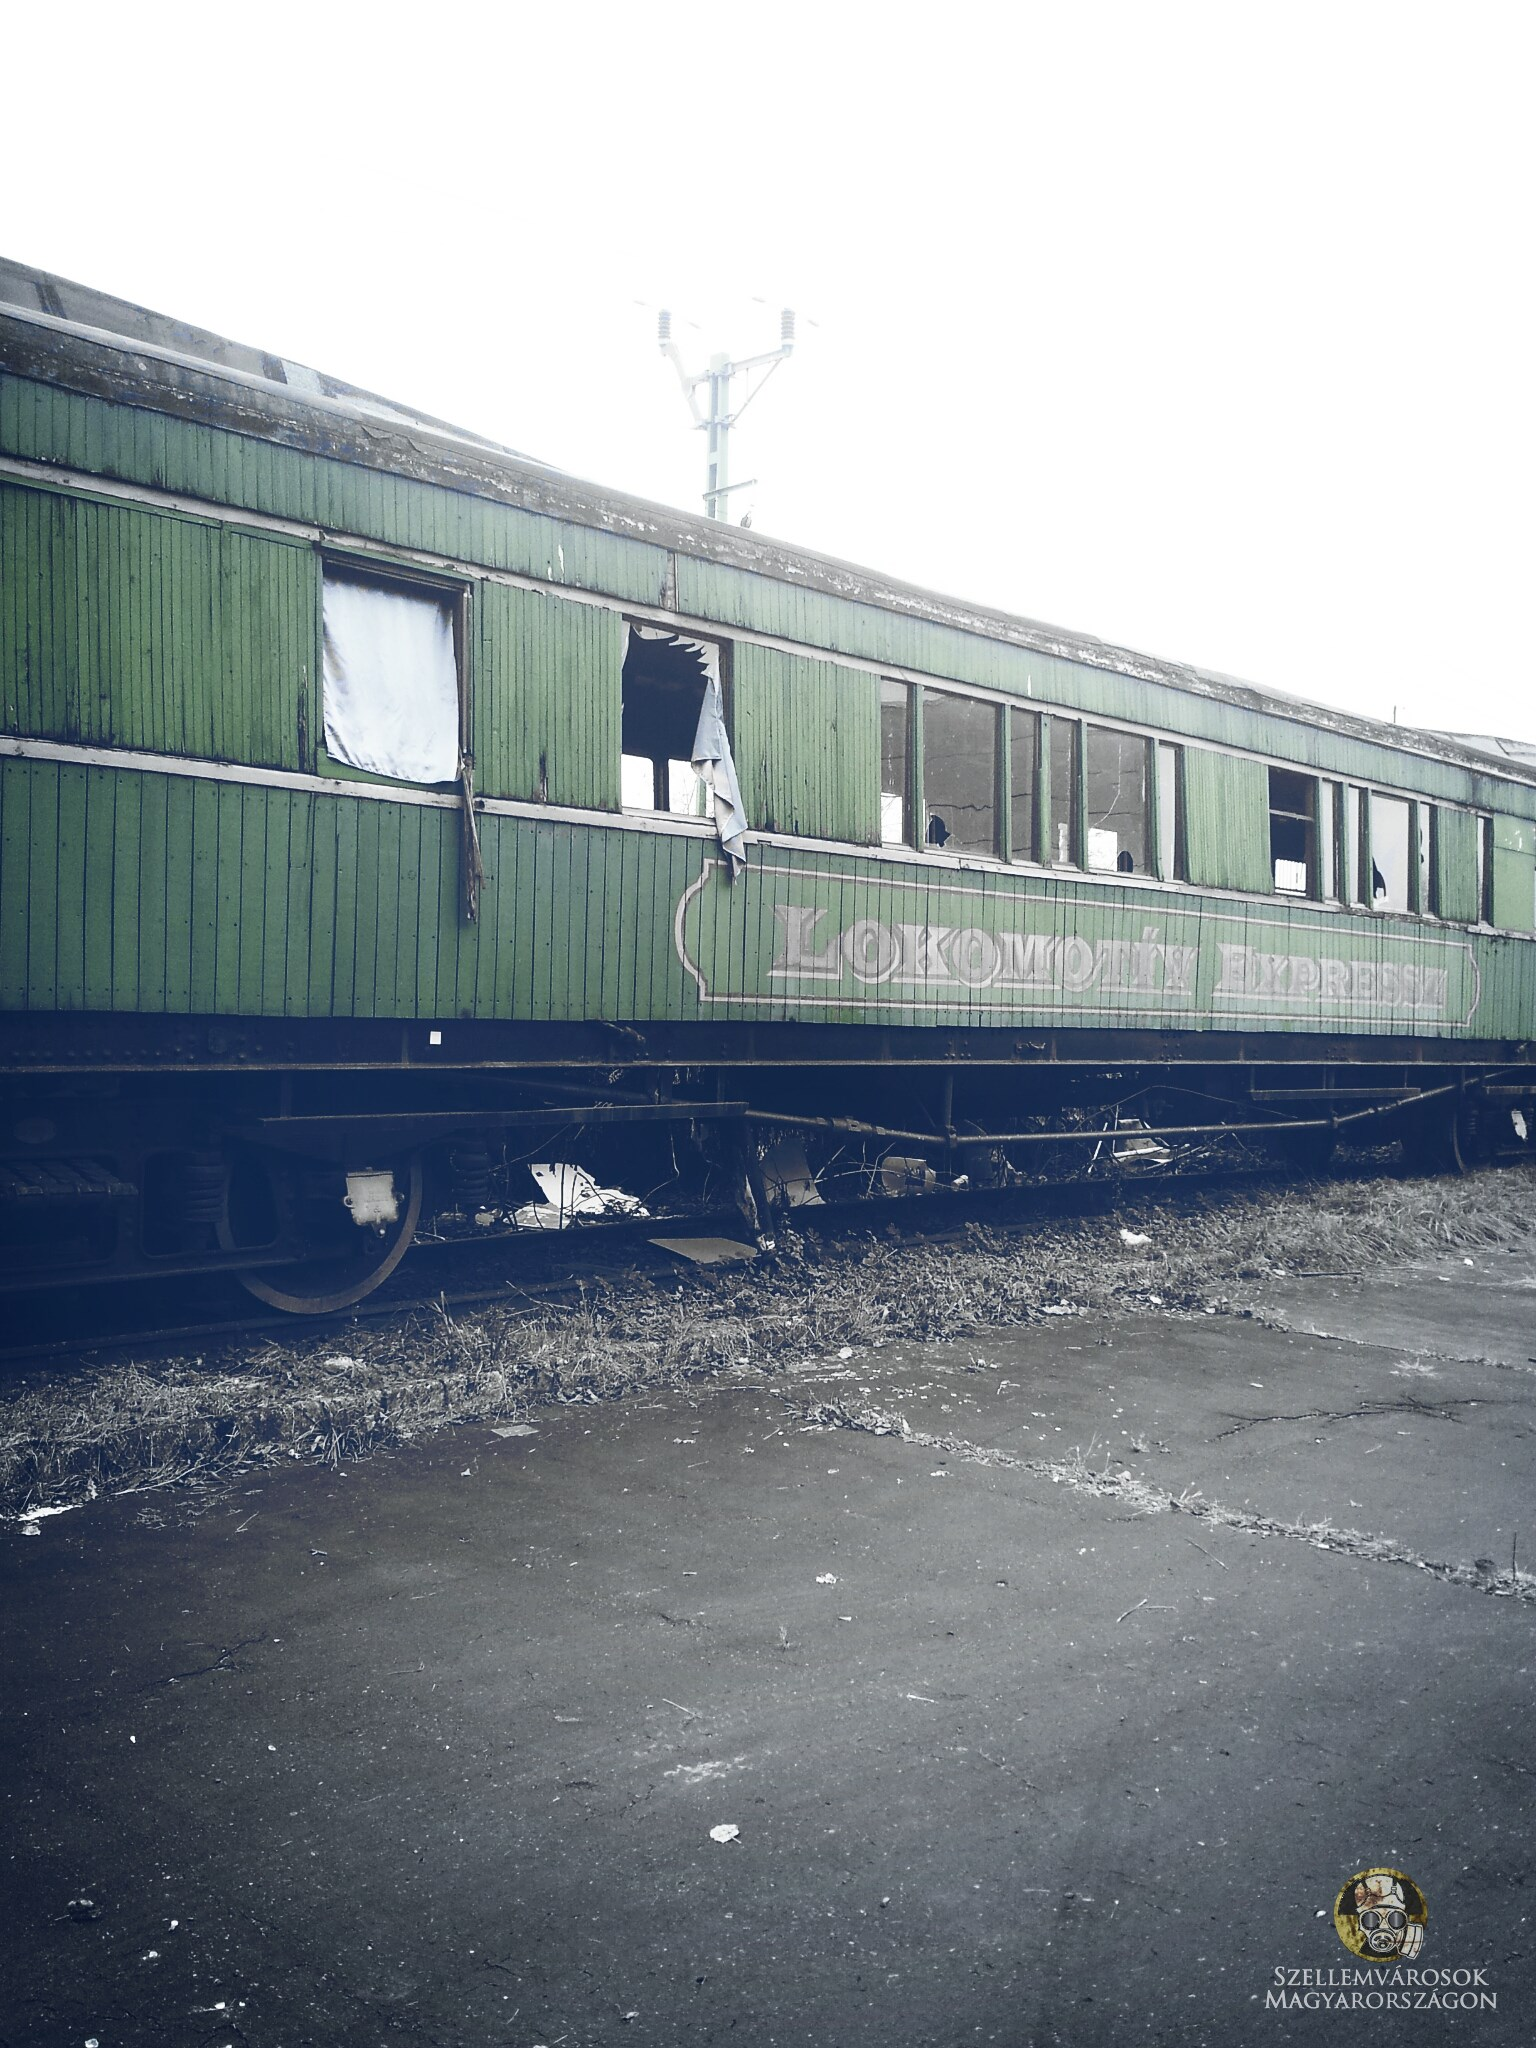 lokomotiv_expess_-_kozo_bence.jpg